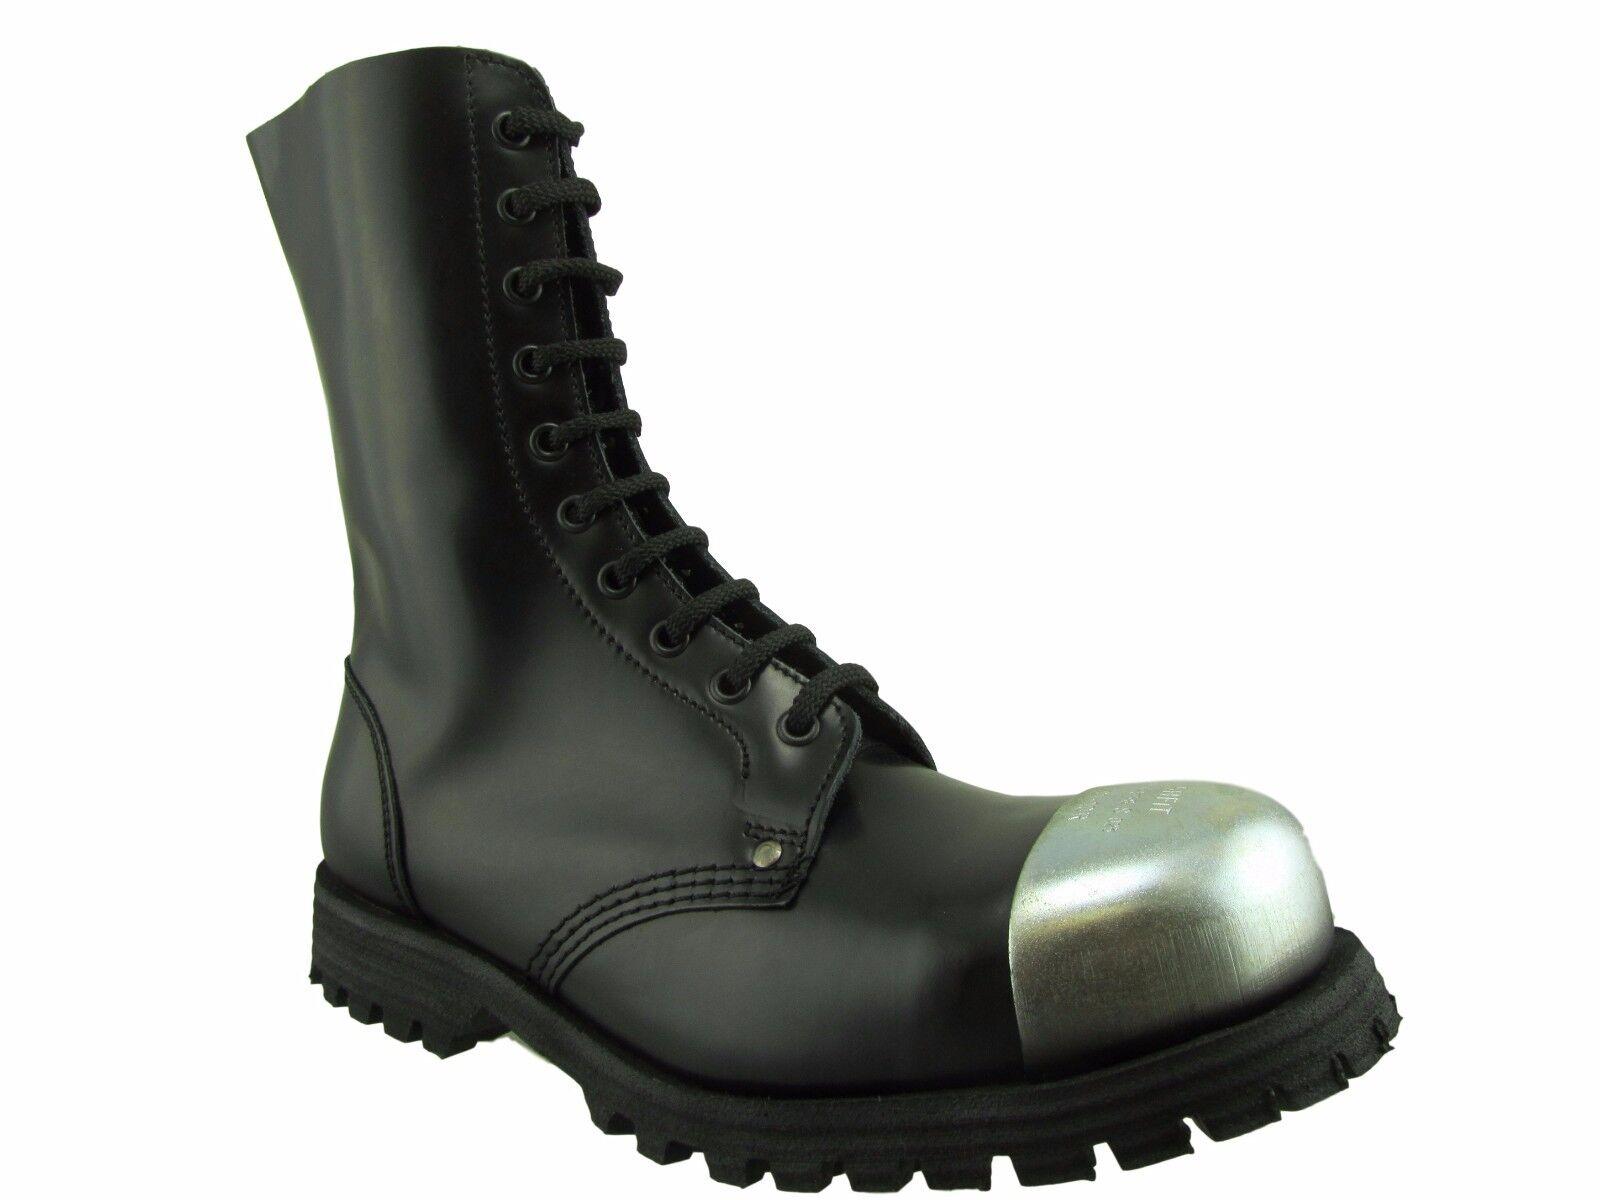 botas de combate de tierra de Acero Negro De Cuero vegano 10 ojos de seguridad externo Gorra Punk